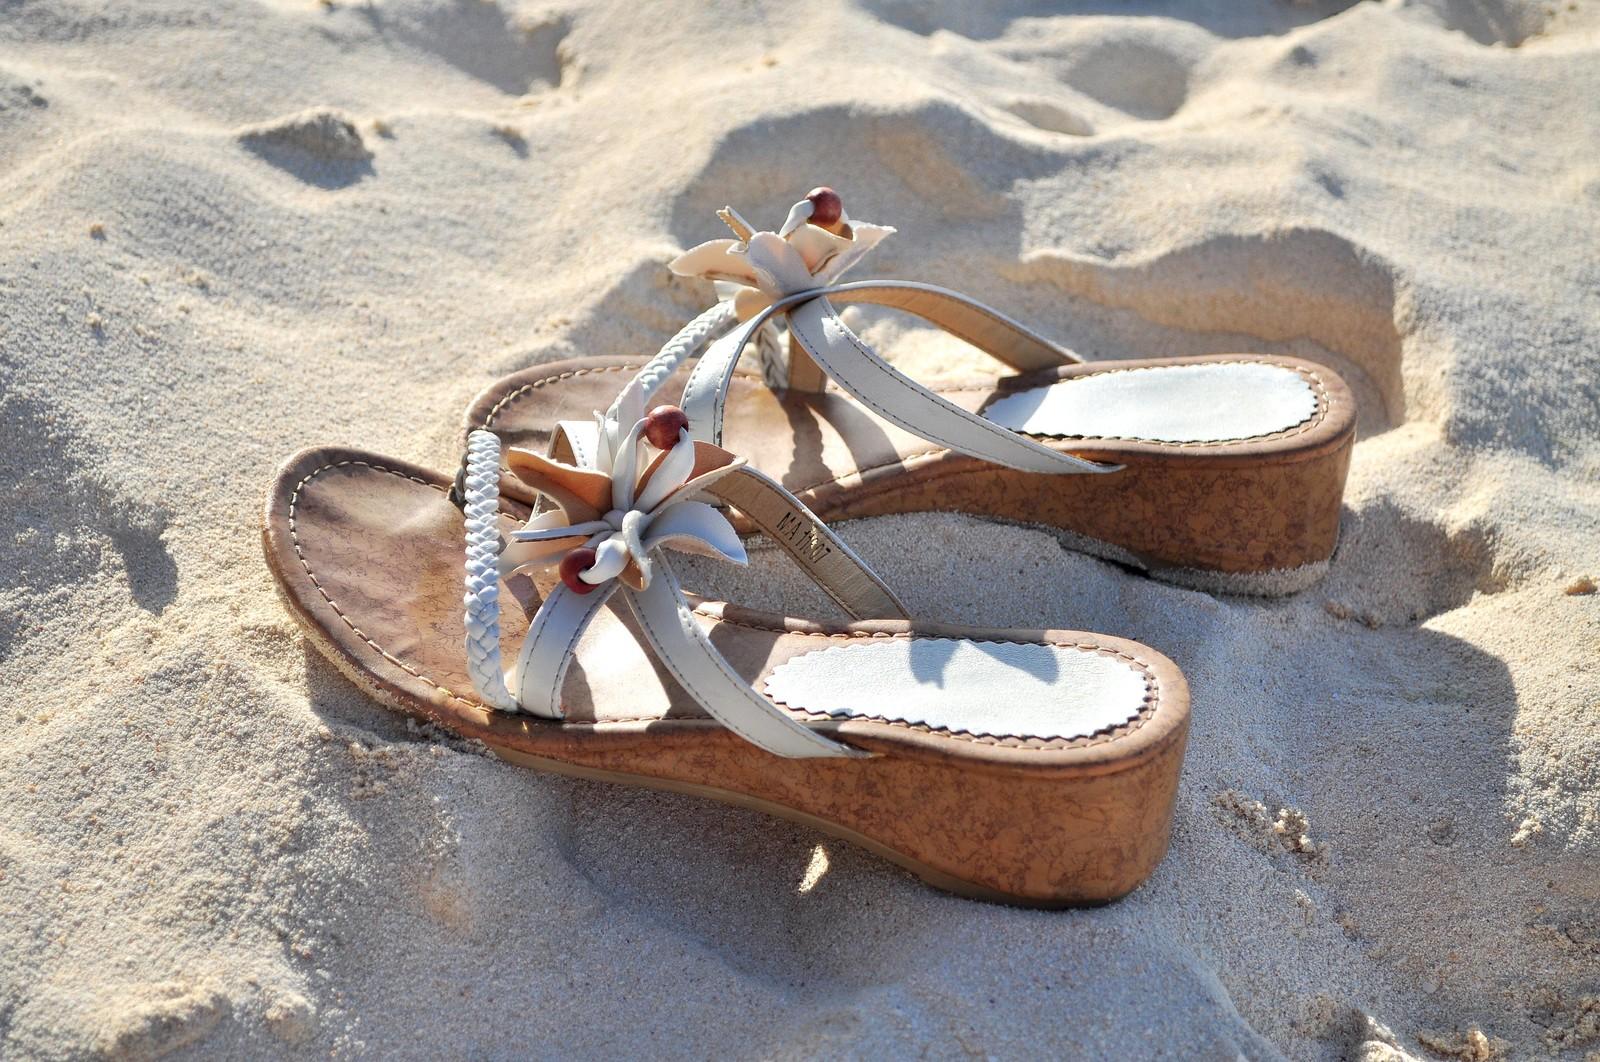 コロナウイルスが転機?癖変えは先ず左足から靴を履いてみる!